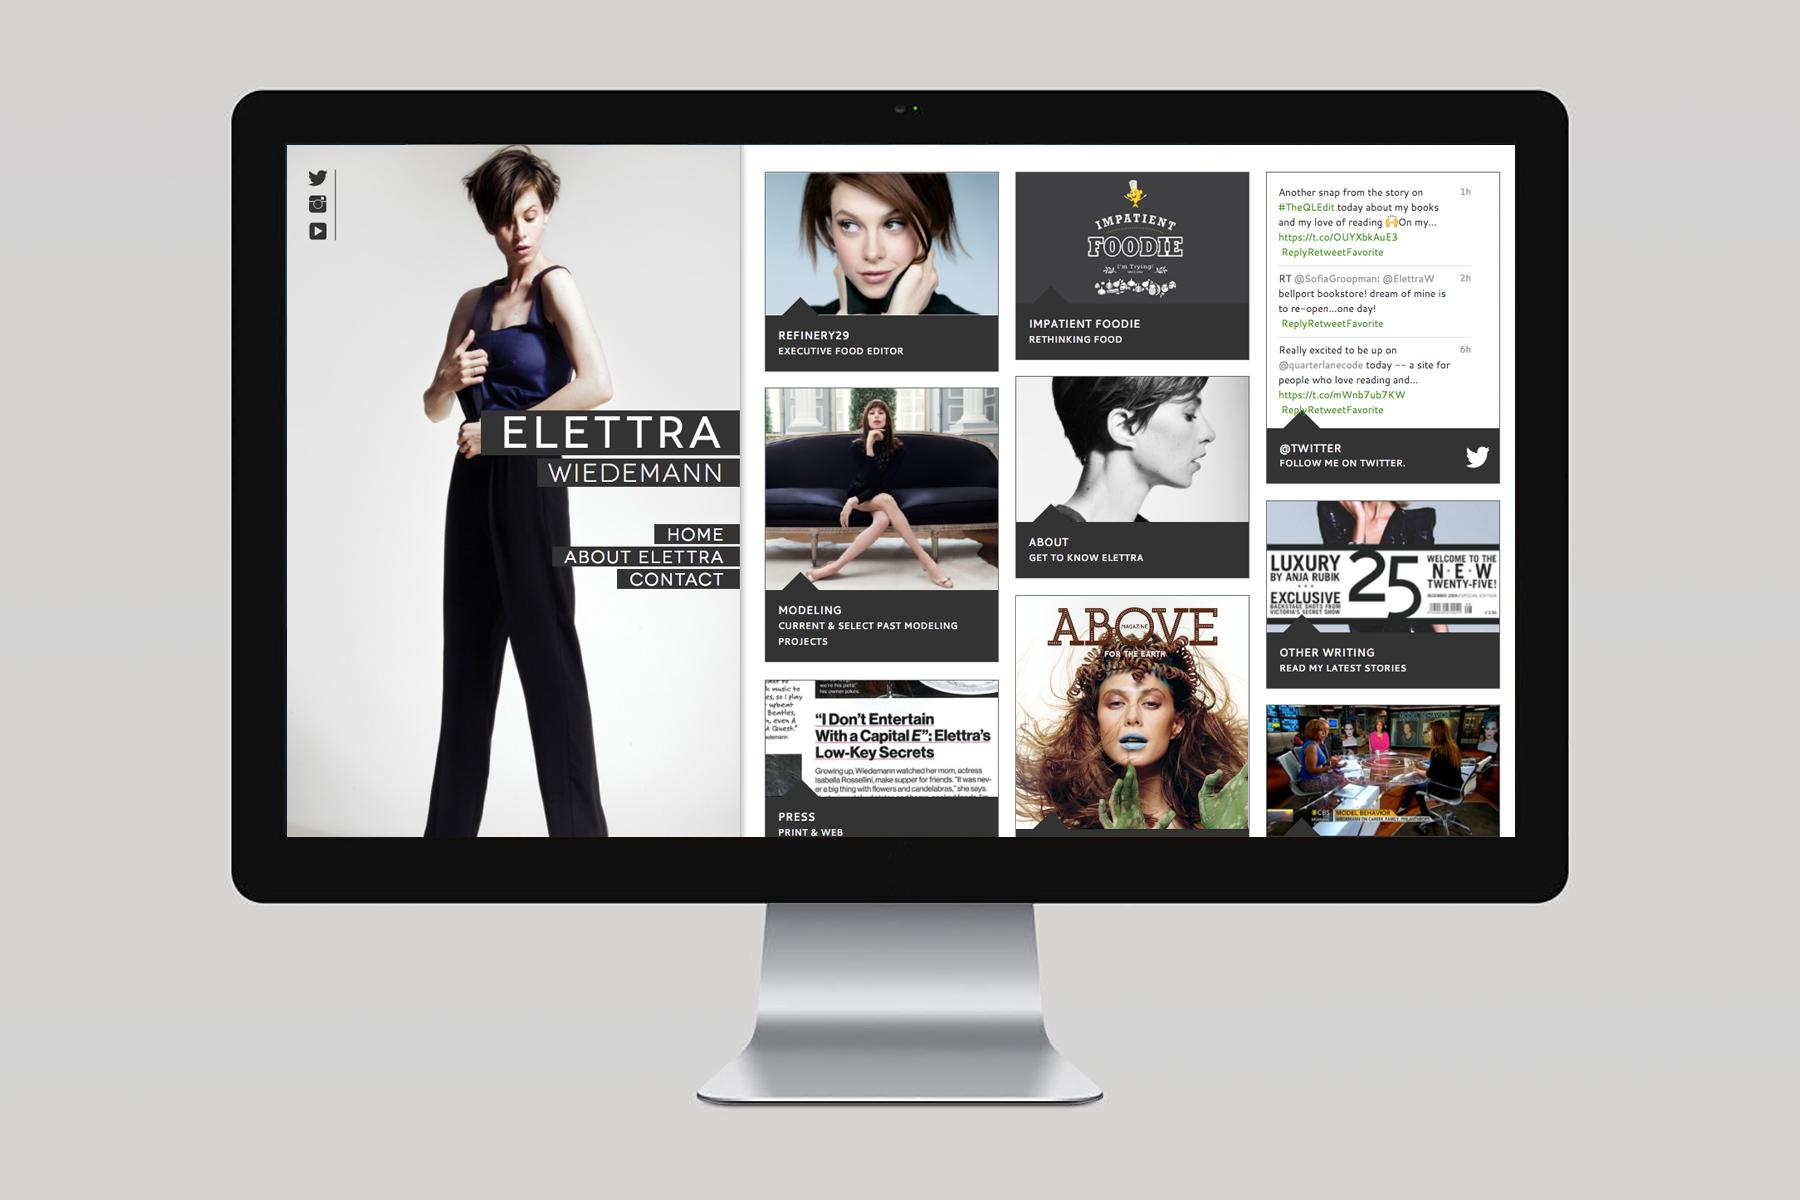 Elettra Wiedemann Screendesign